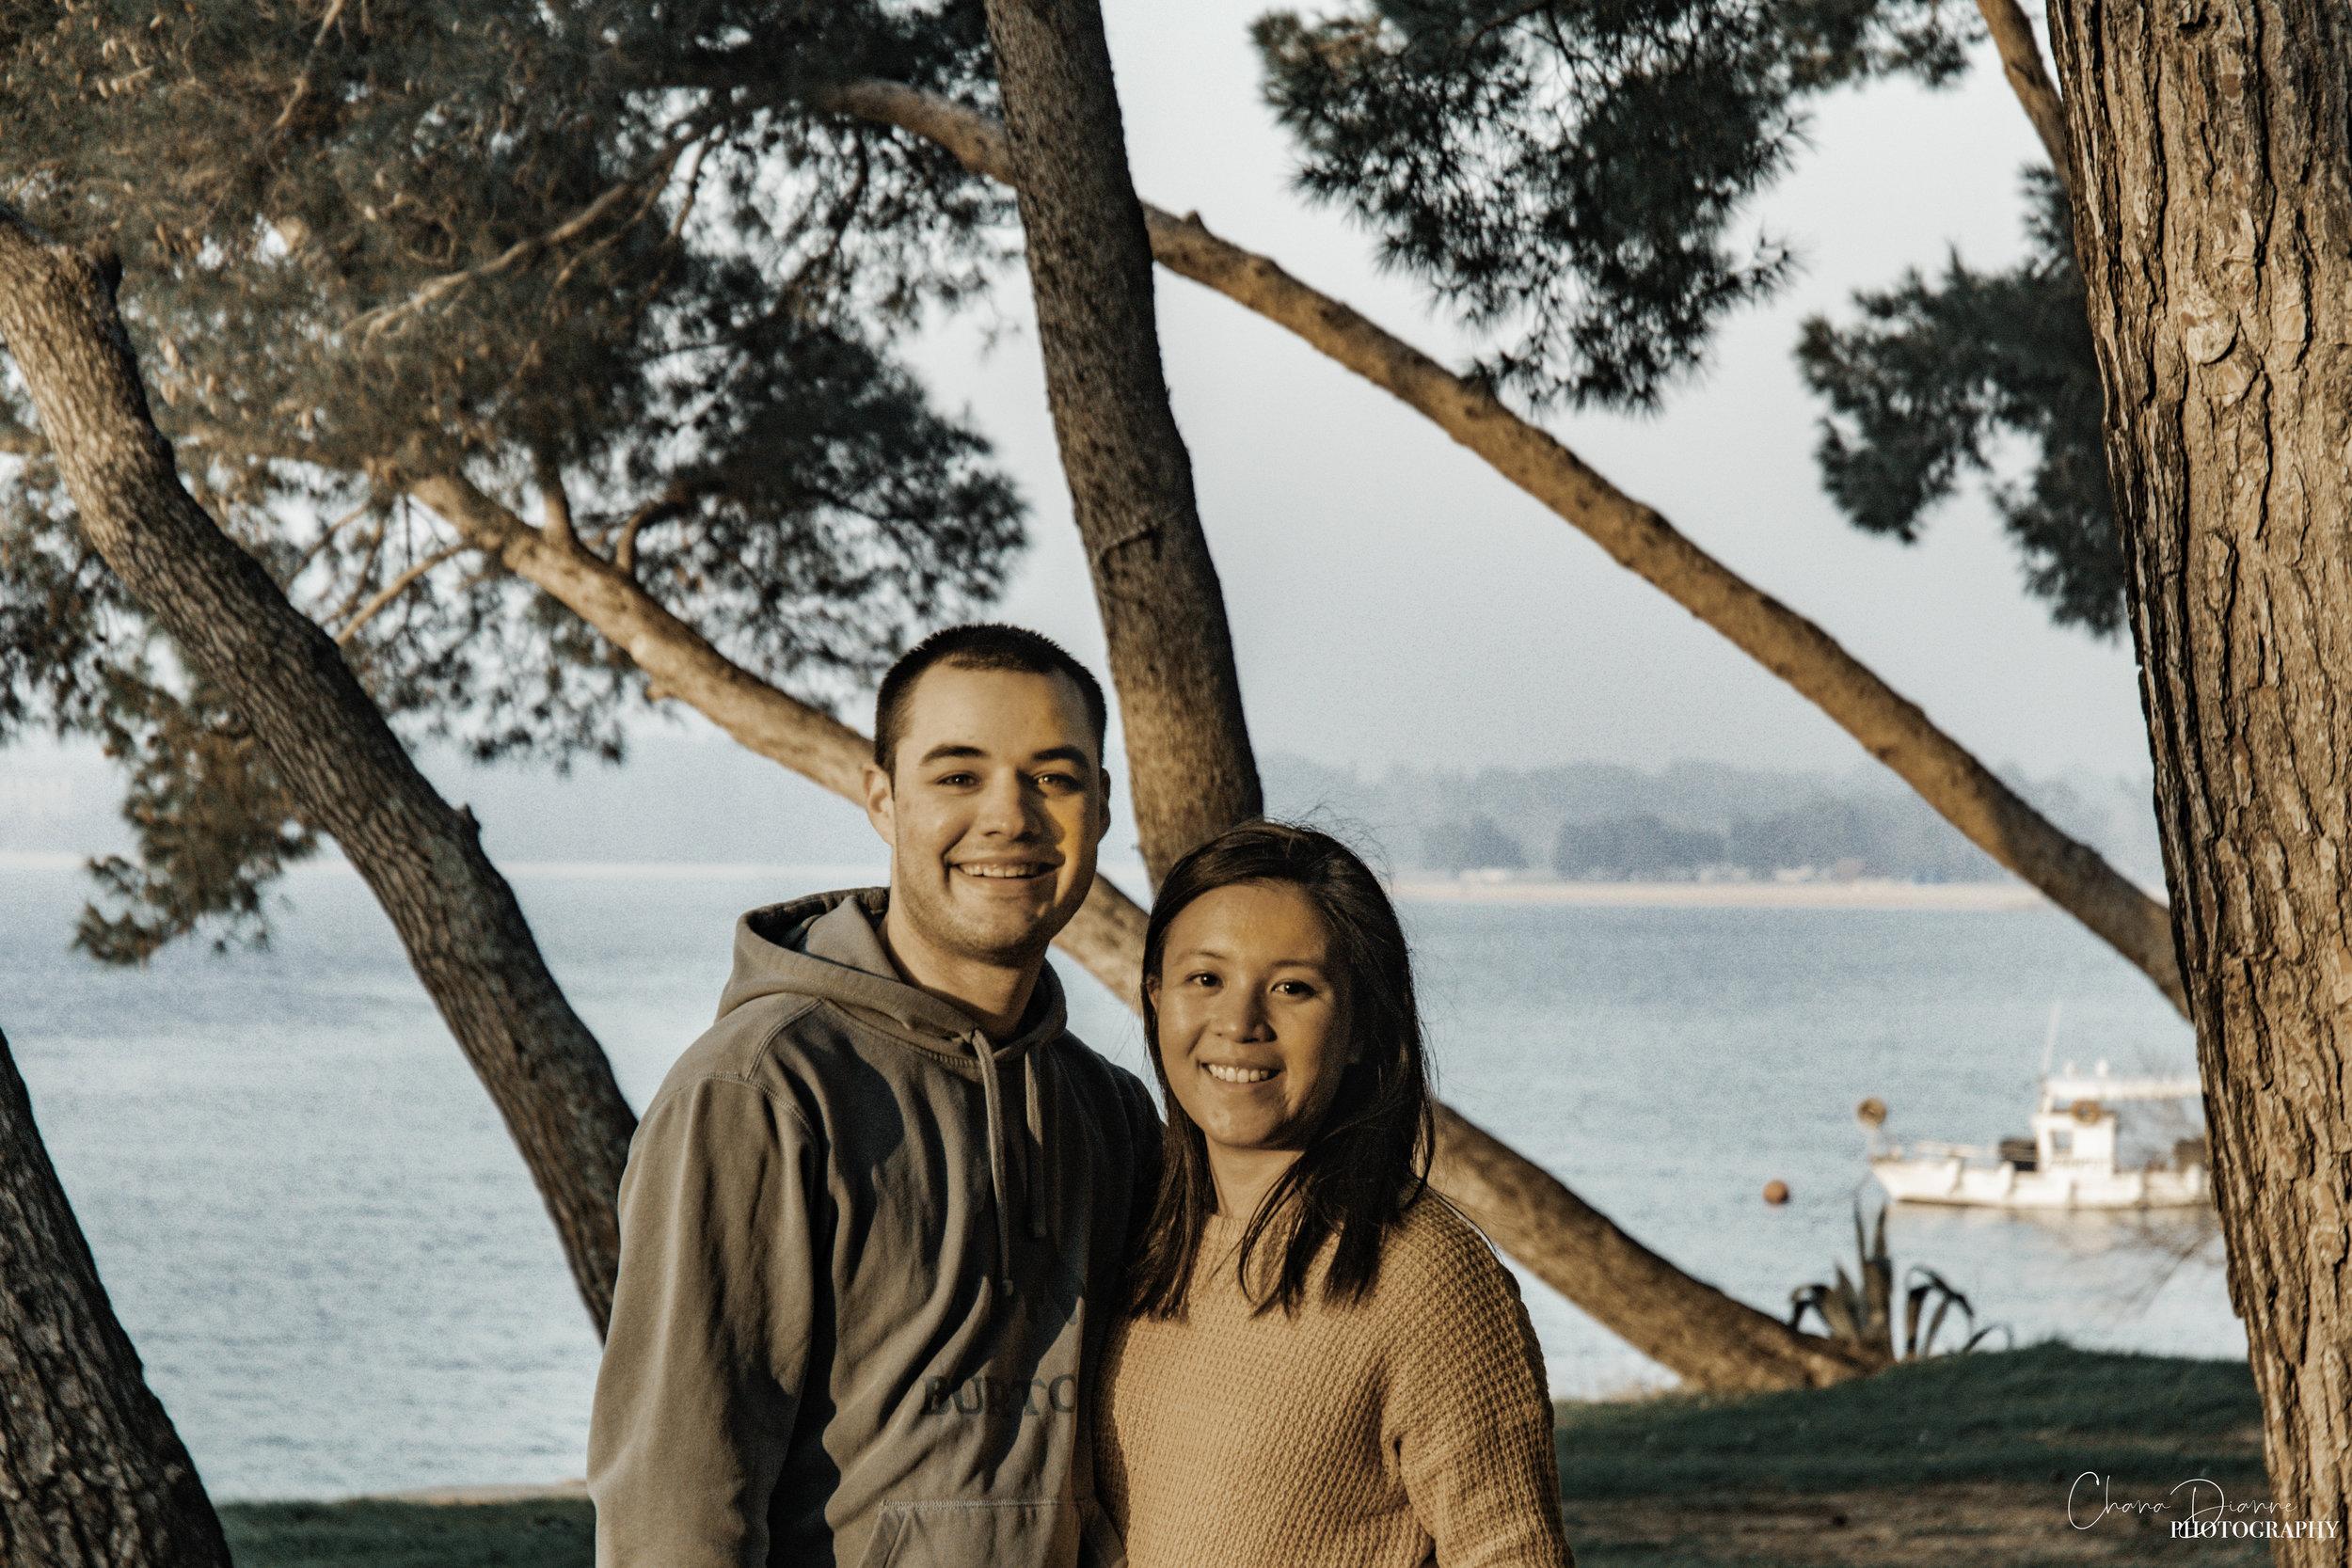 George & Chana in Pula, Croatia